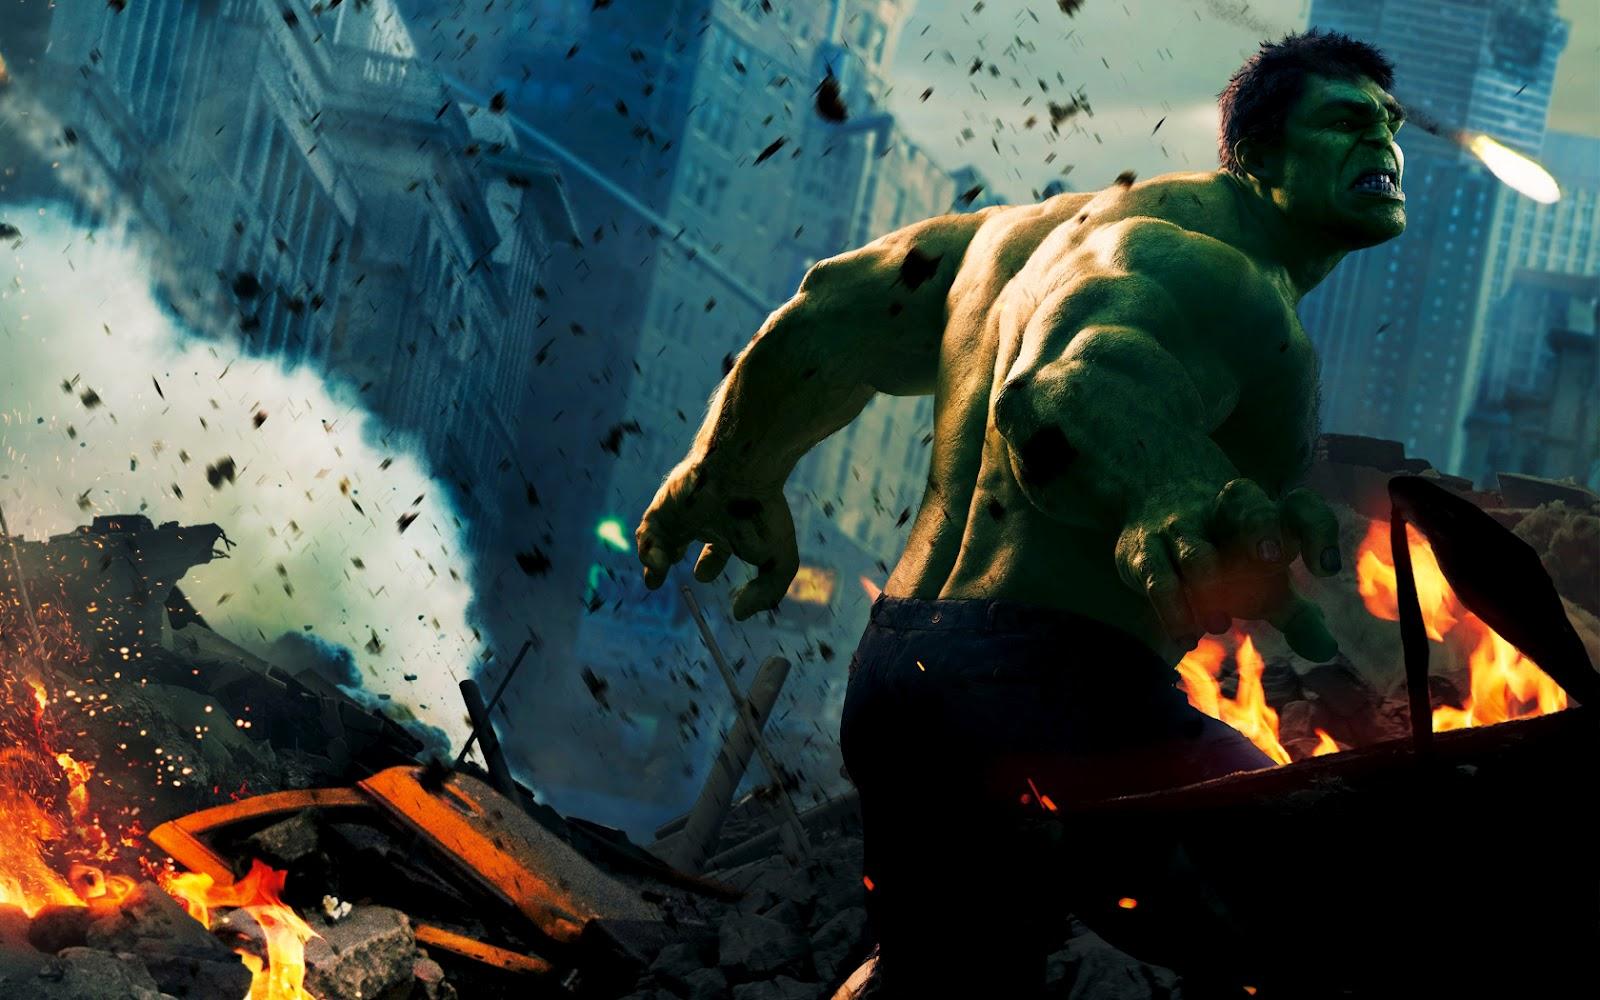 http://2.bp.blogspot.com/-BFsx4bcOnS0/T6FJESFLWXI/AAAAAAAABhc/CIhwKwL4zHk/s1600/The_Avengers_Hulk_HD_Wallpaper-Vvallpaper.Net.jpg